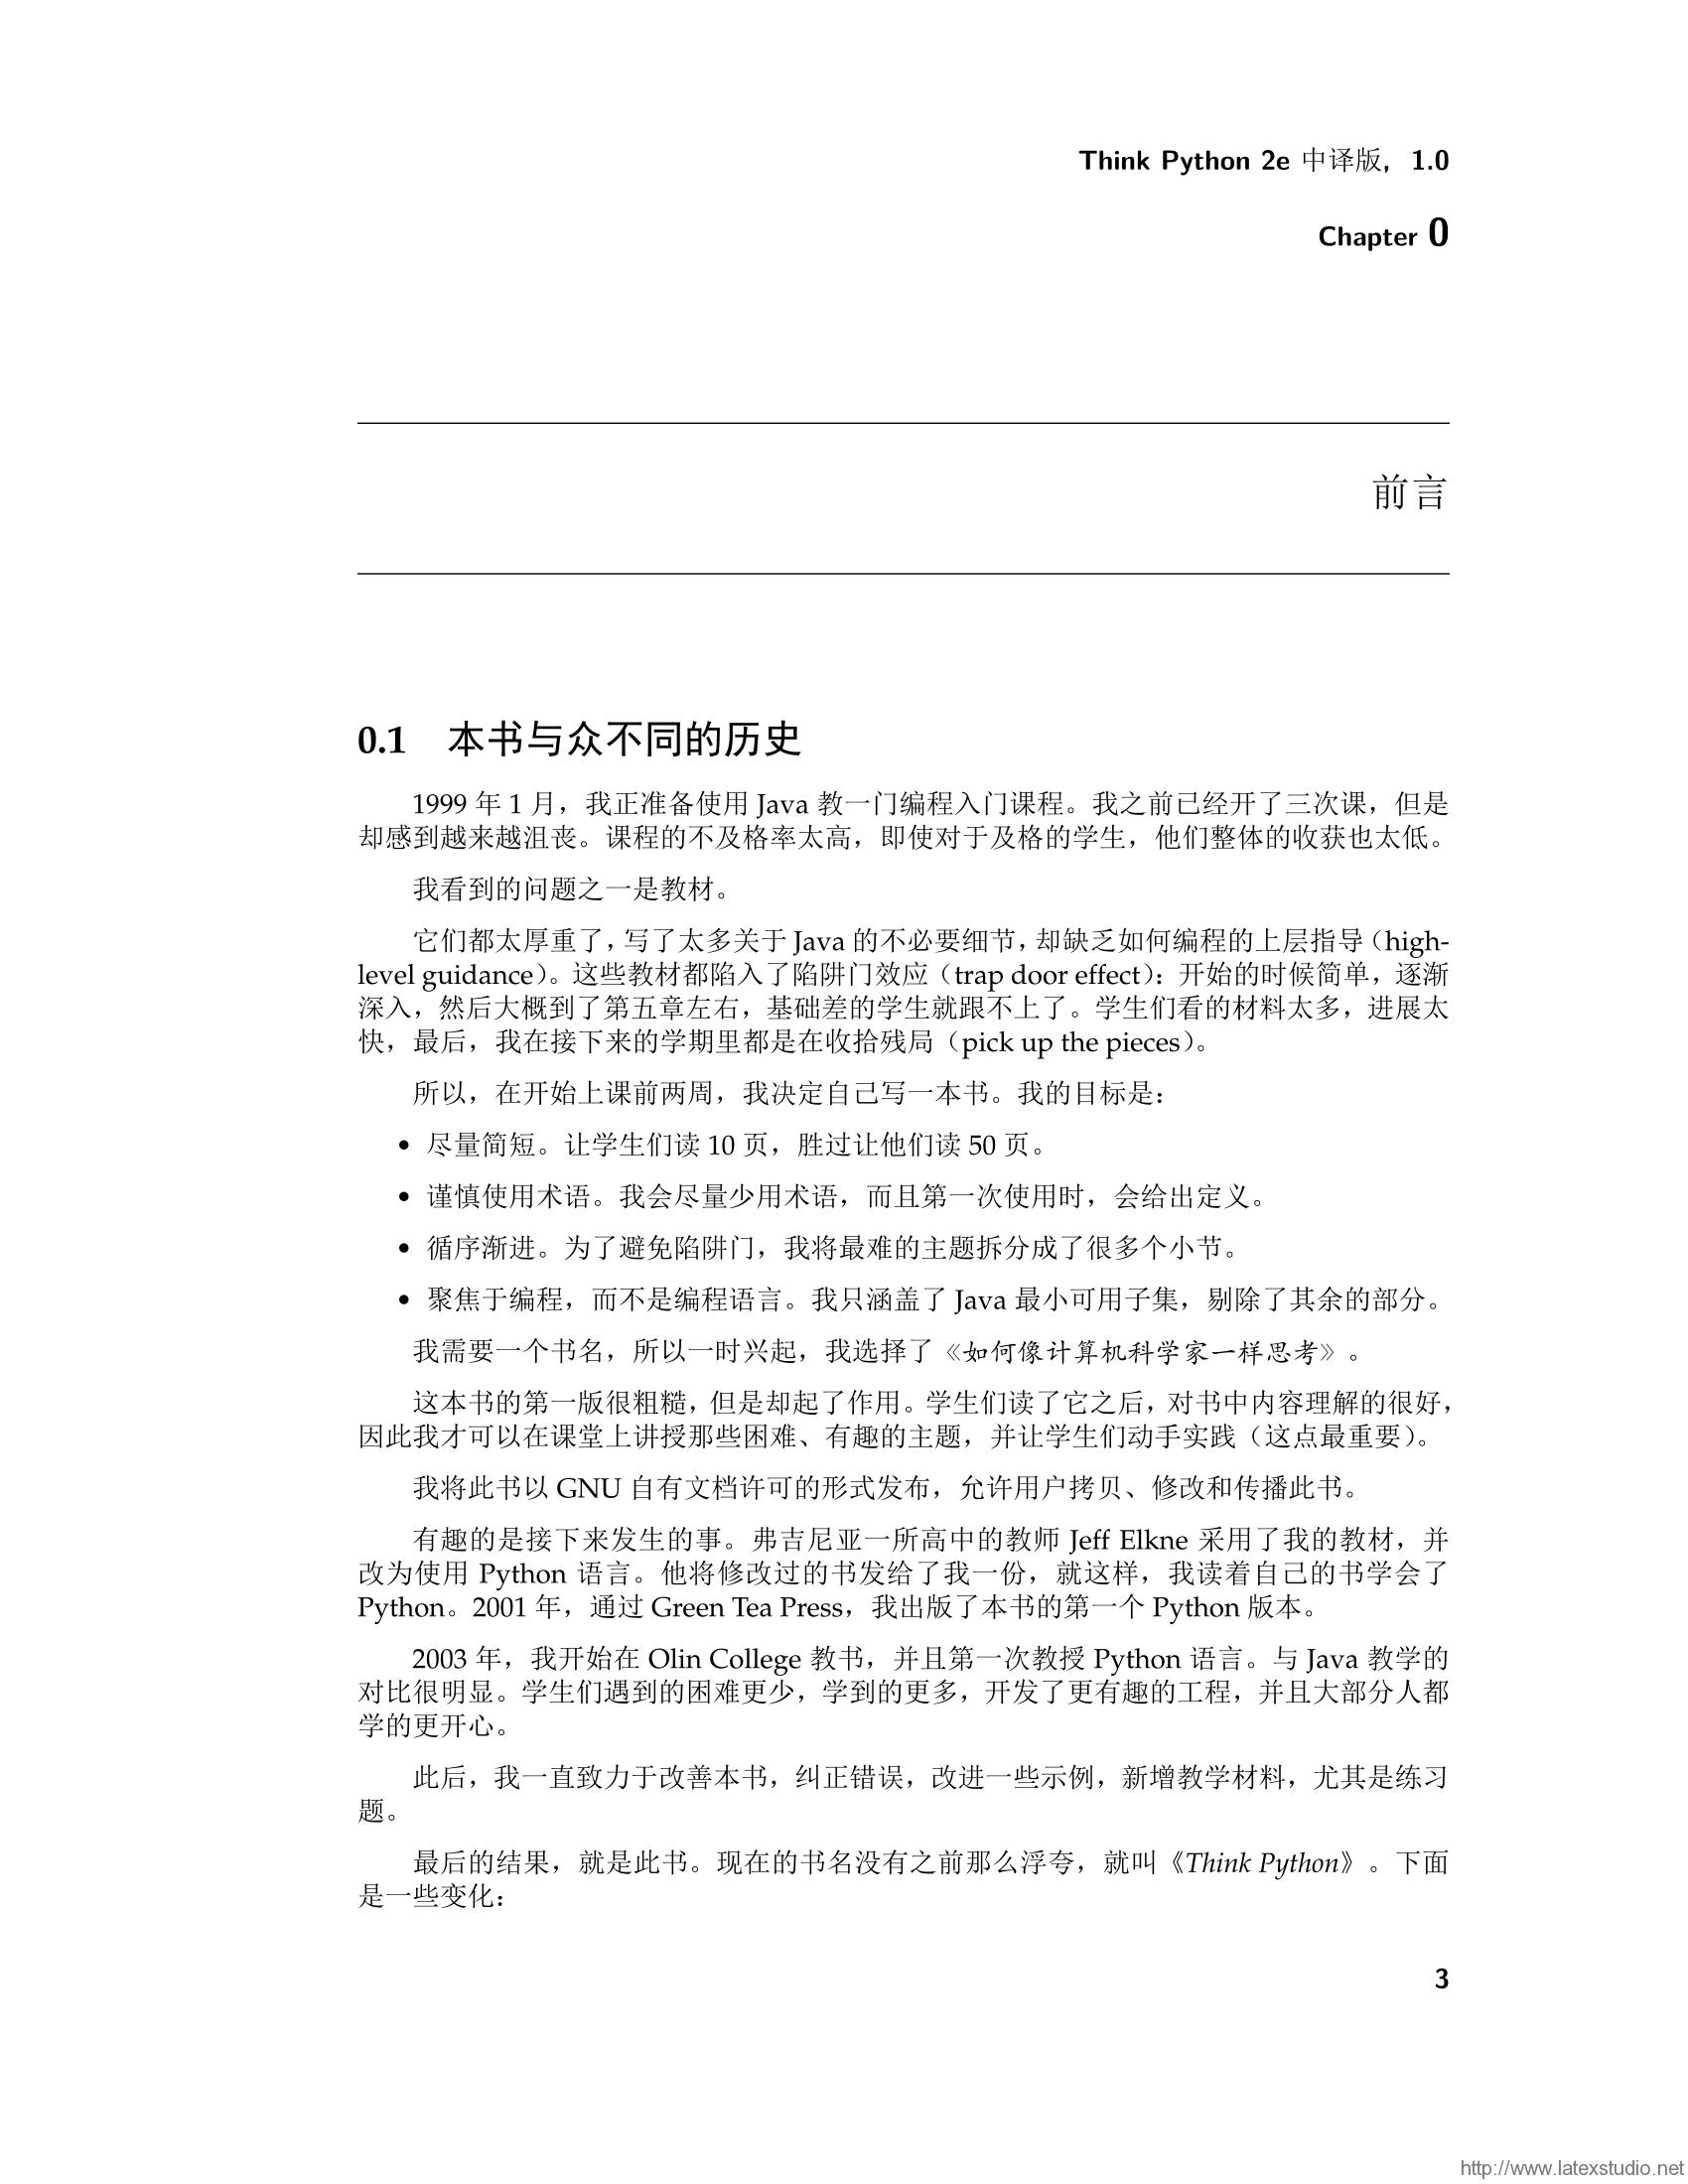 Think_Python2ebook-11